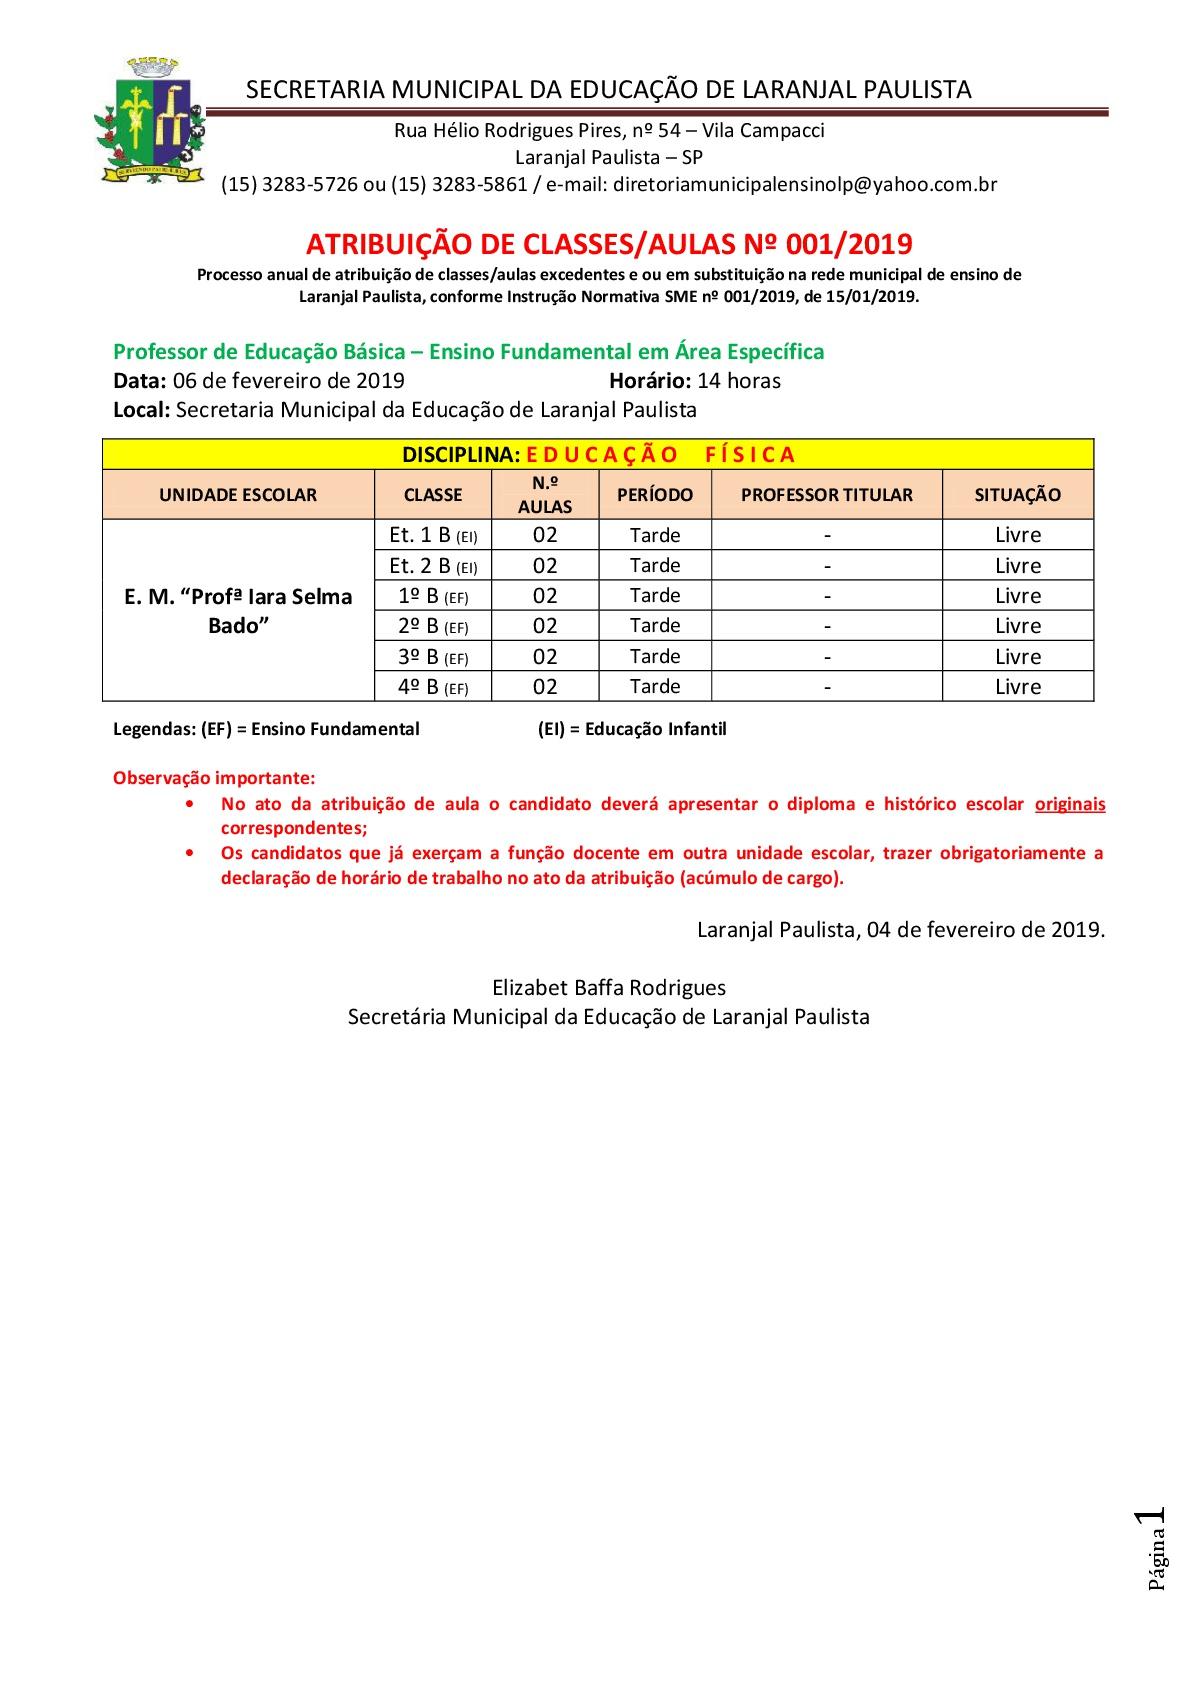 Atribuição de classes e ou aulas nº 001-2019